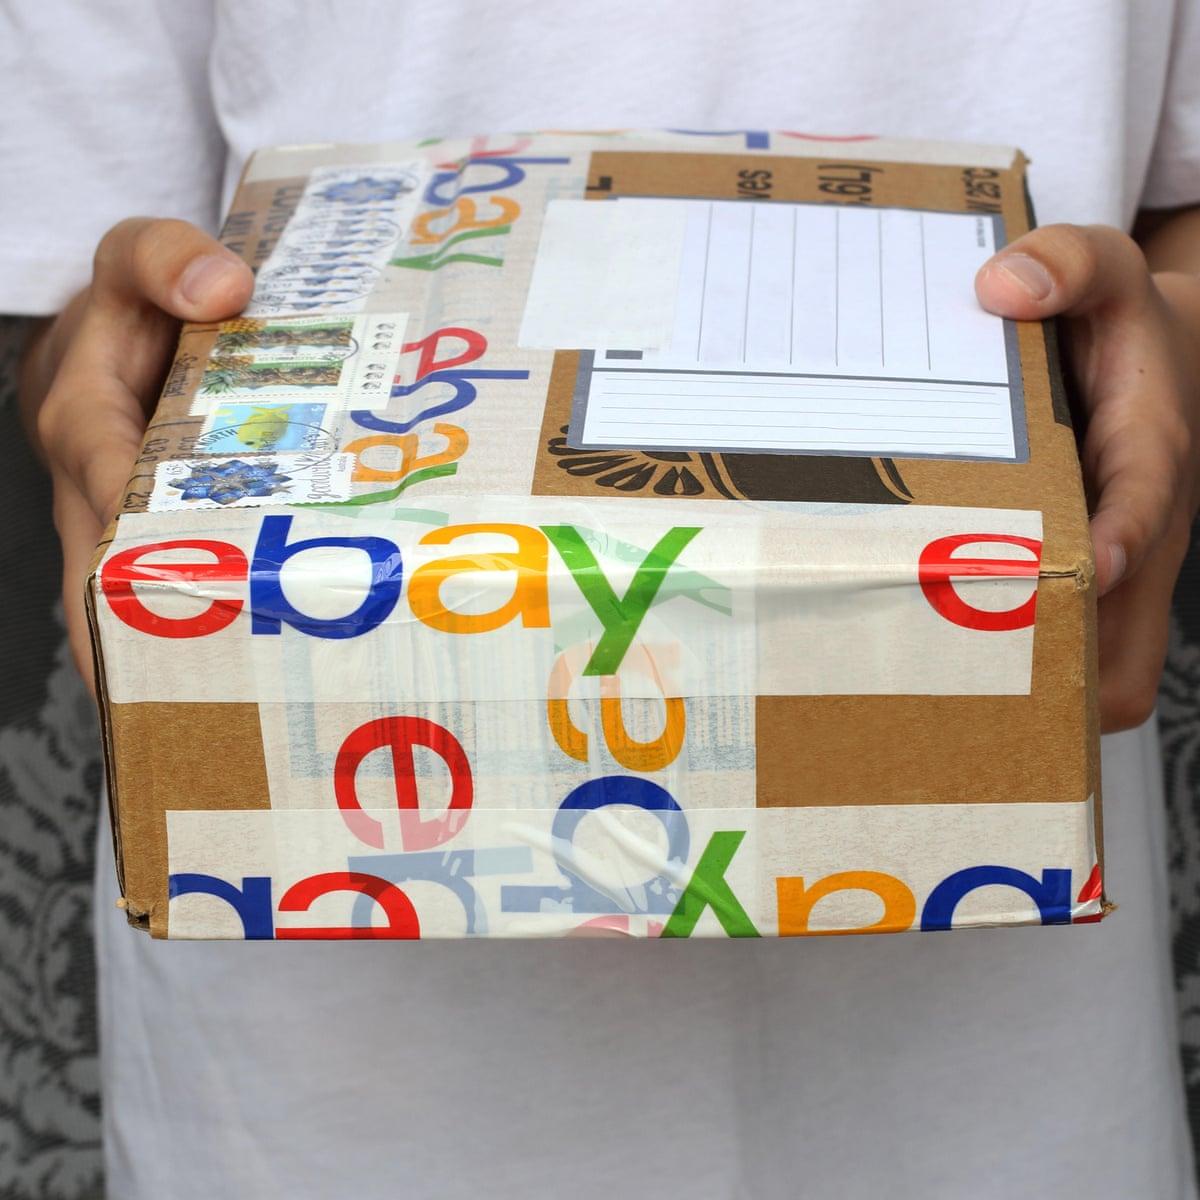 Pacco di Ebay tenuto nelle mani